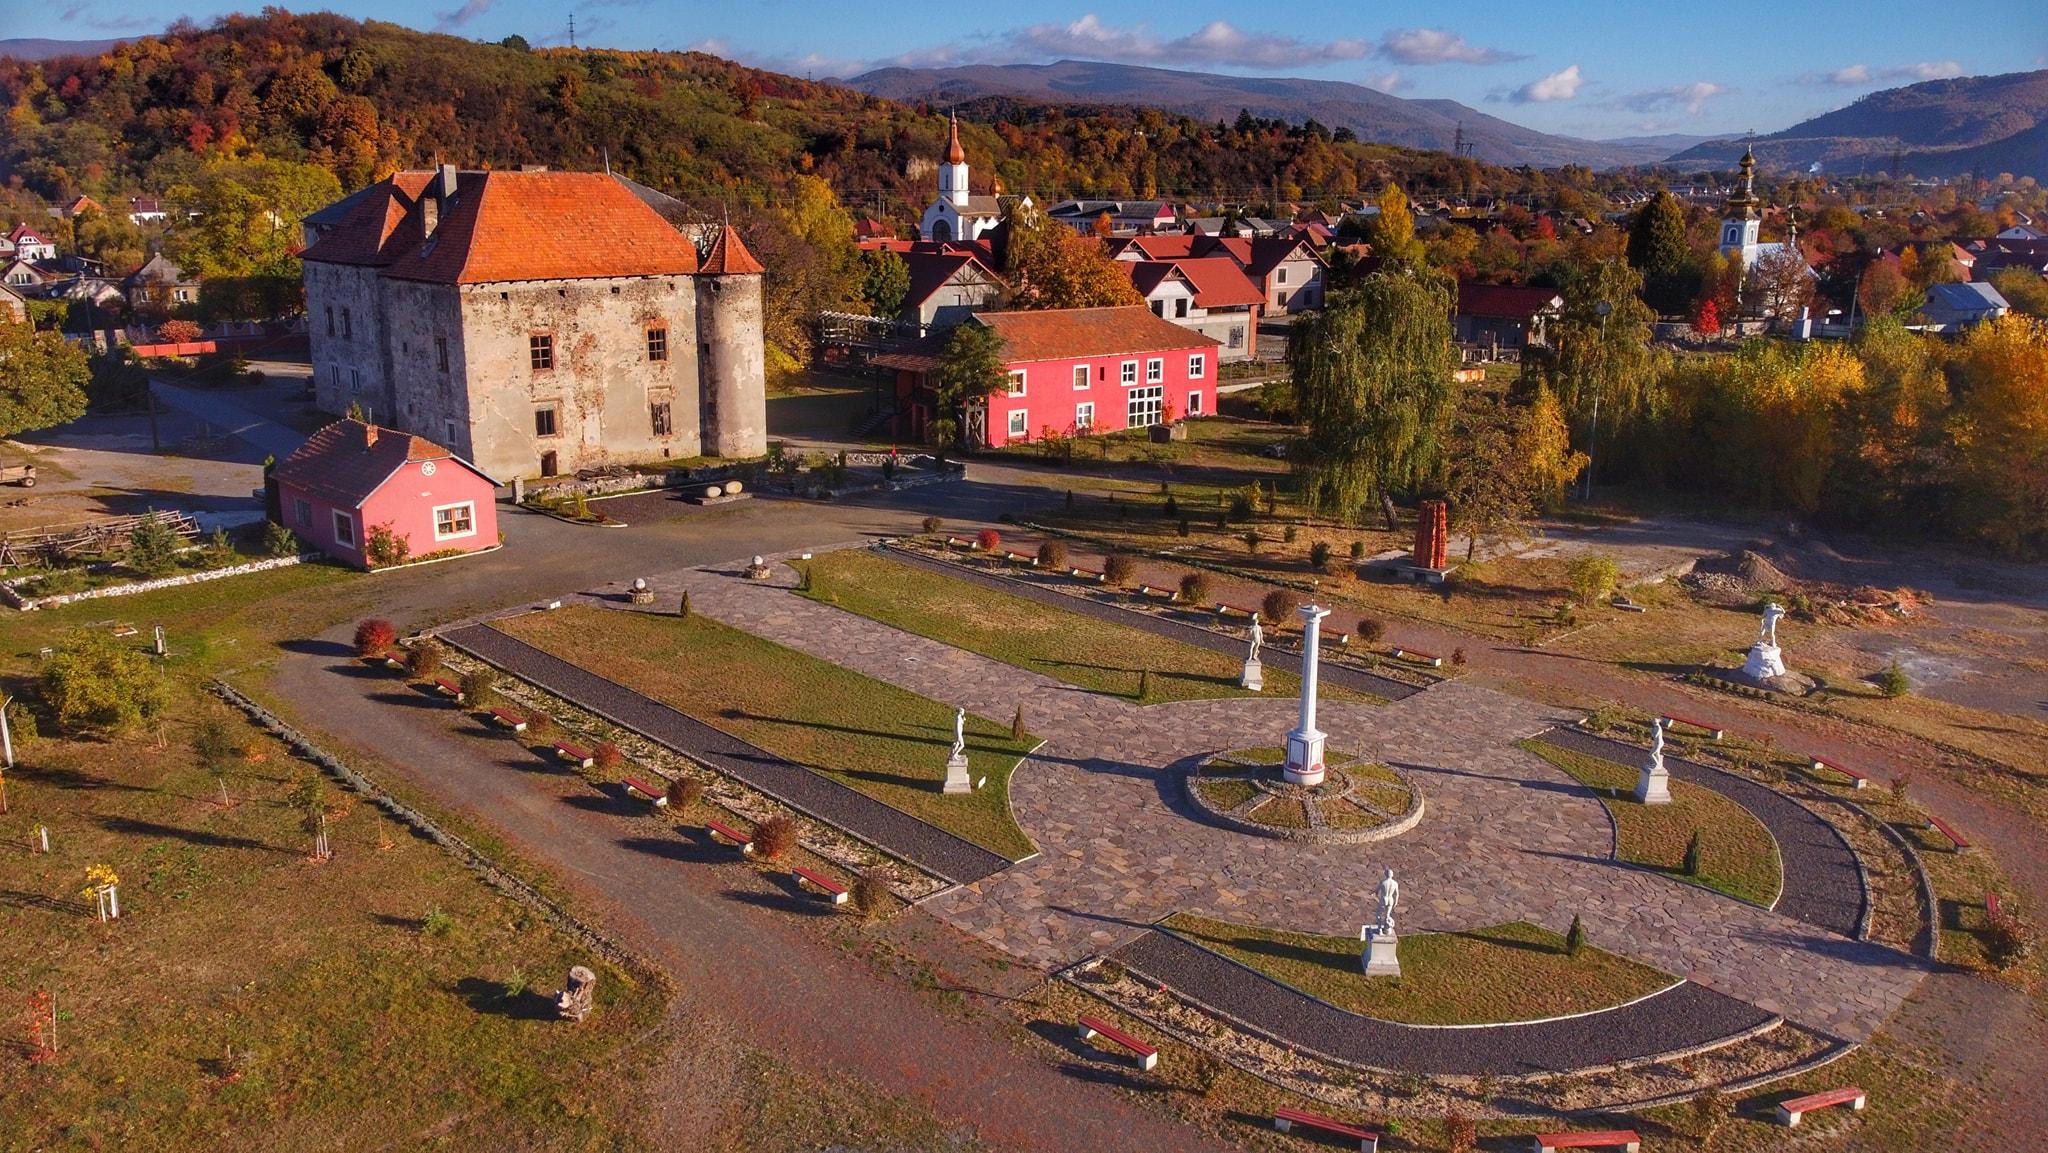 Замок в Чинадієво у блозі Tour De Ukraine - Закарпаття, про це повідомила Валерія Микульська, на своїй сторінці у мережі Фесйсбук.